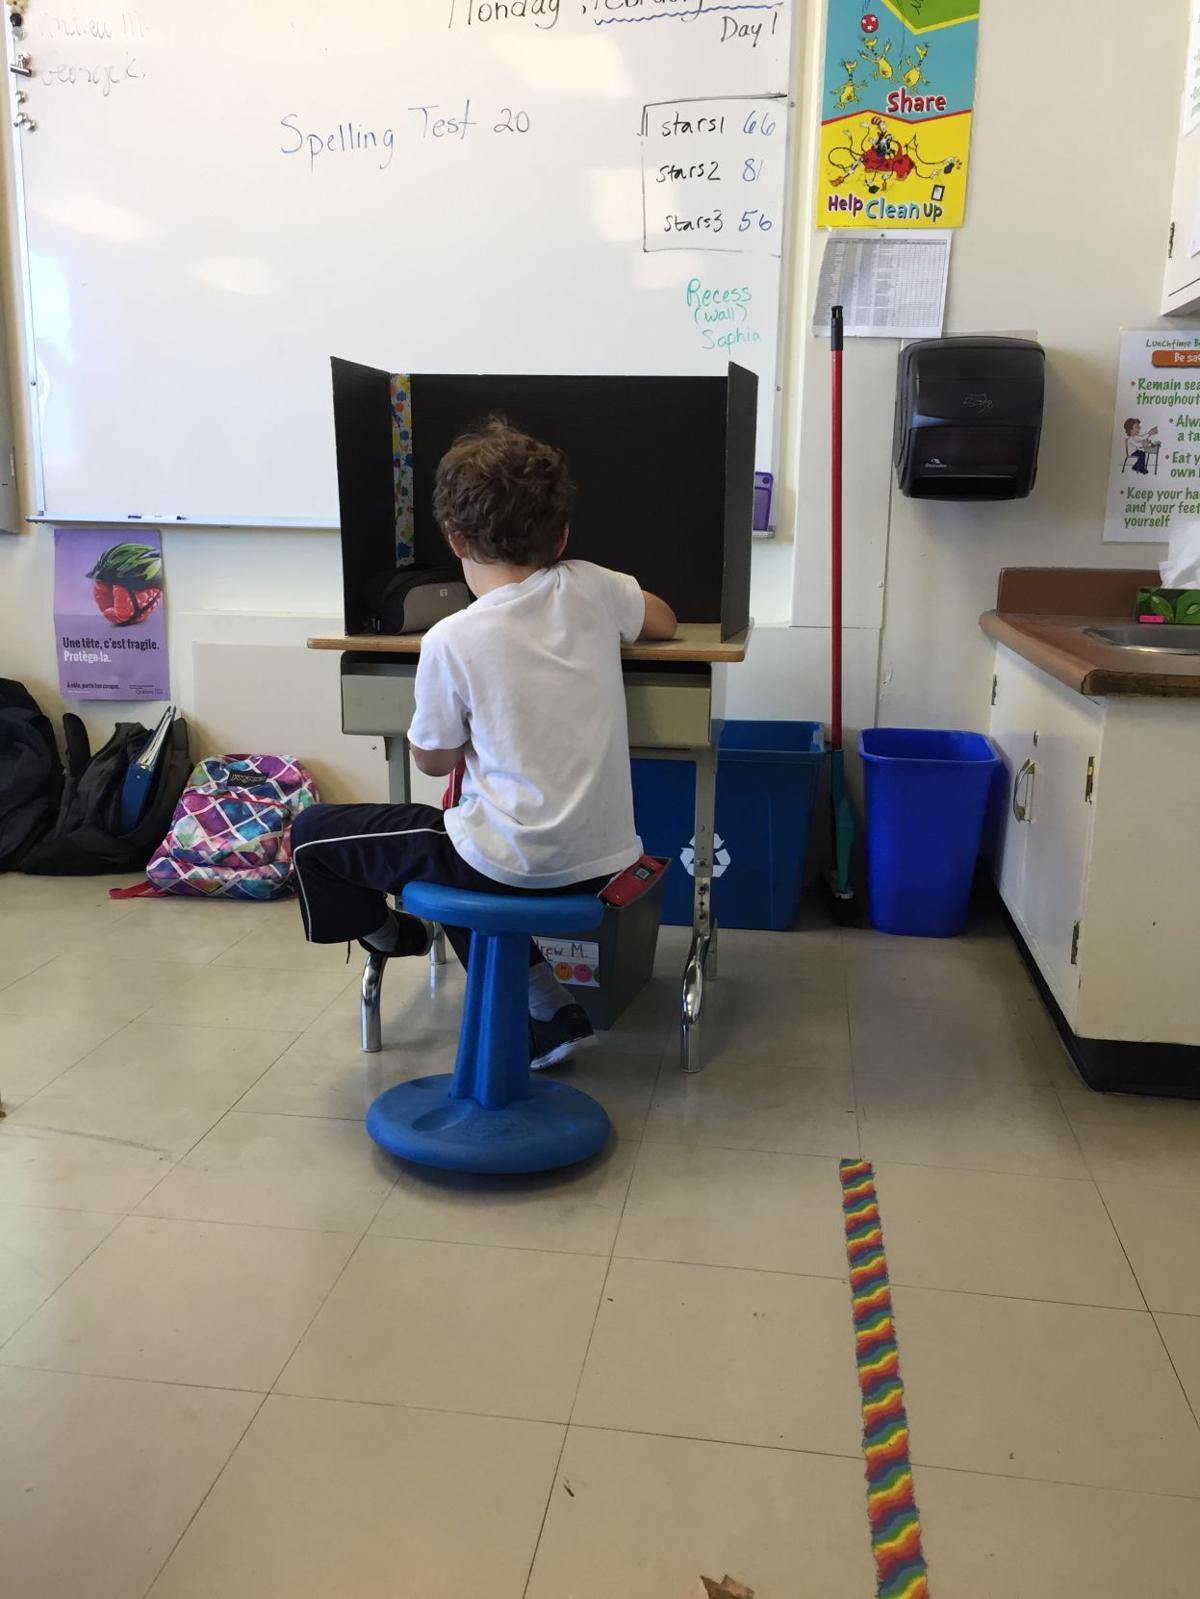 Flex seating: a cultural shift